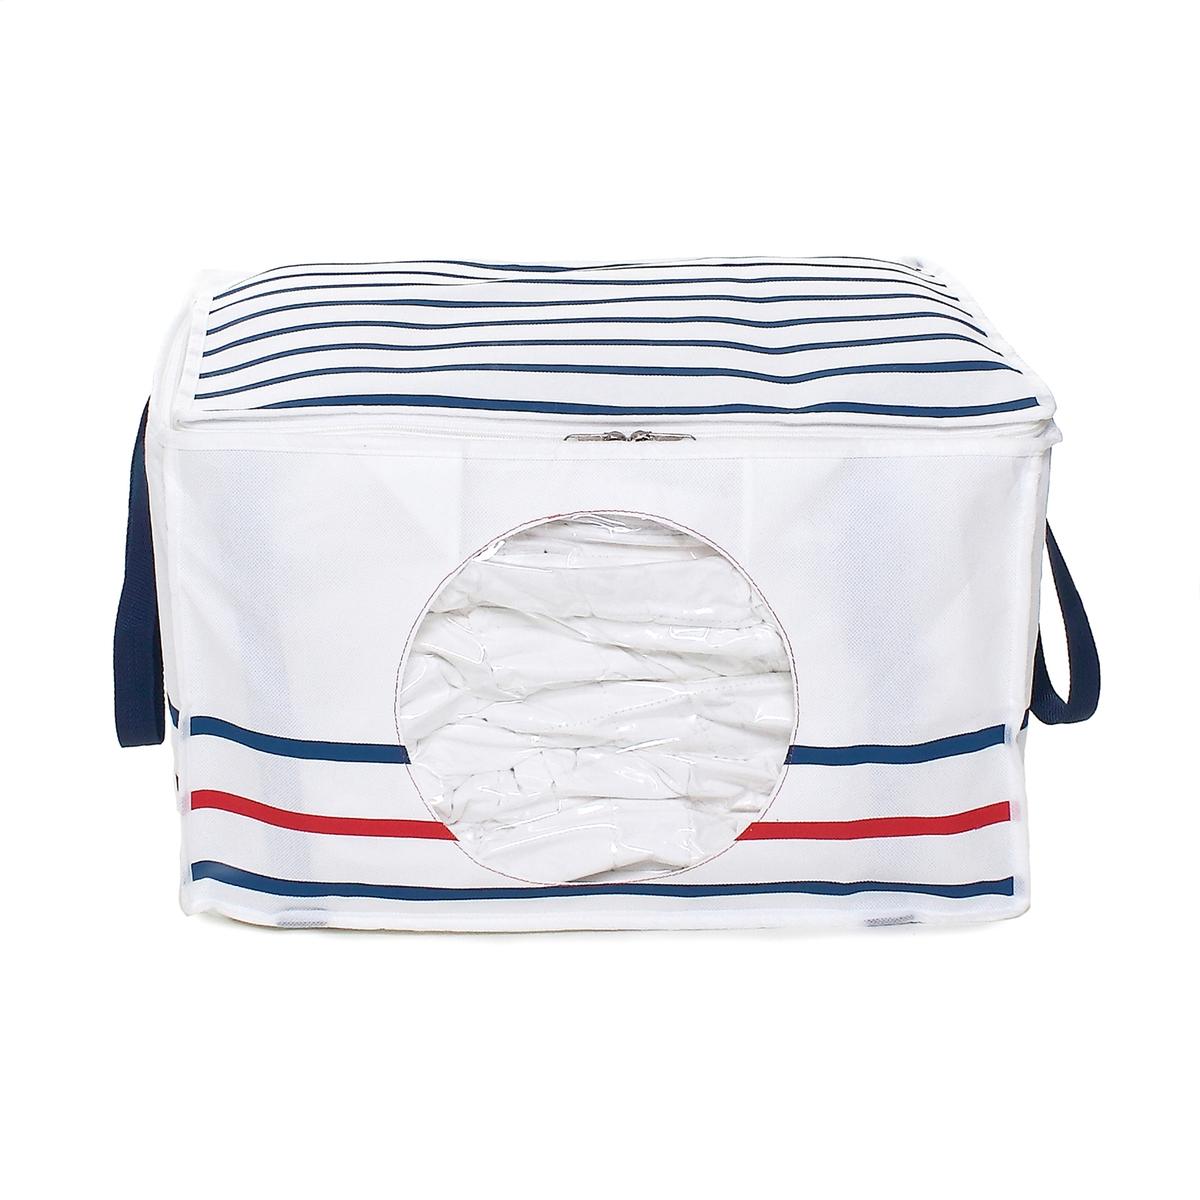 Чехол для хранения одежды  40056 от LaRedoute